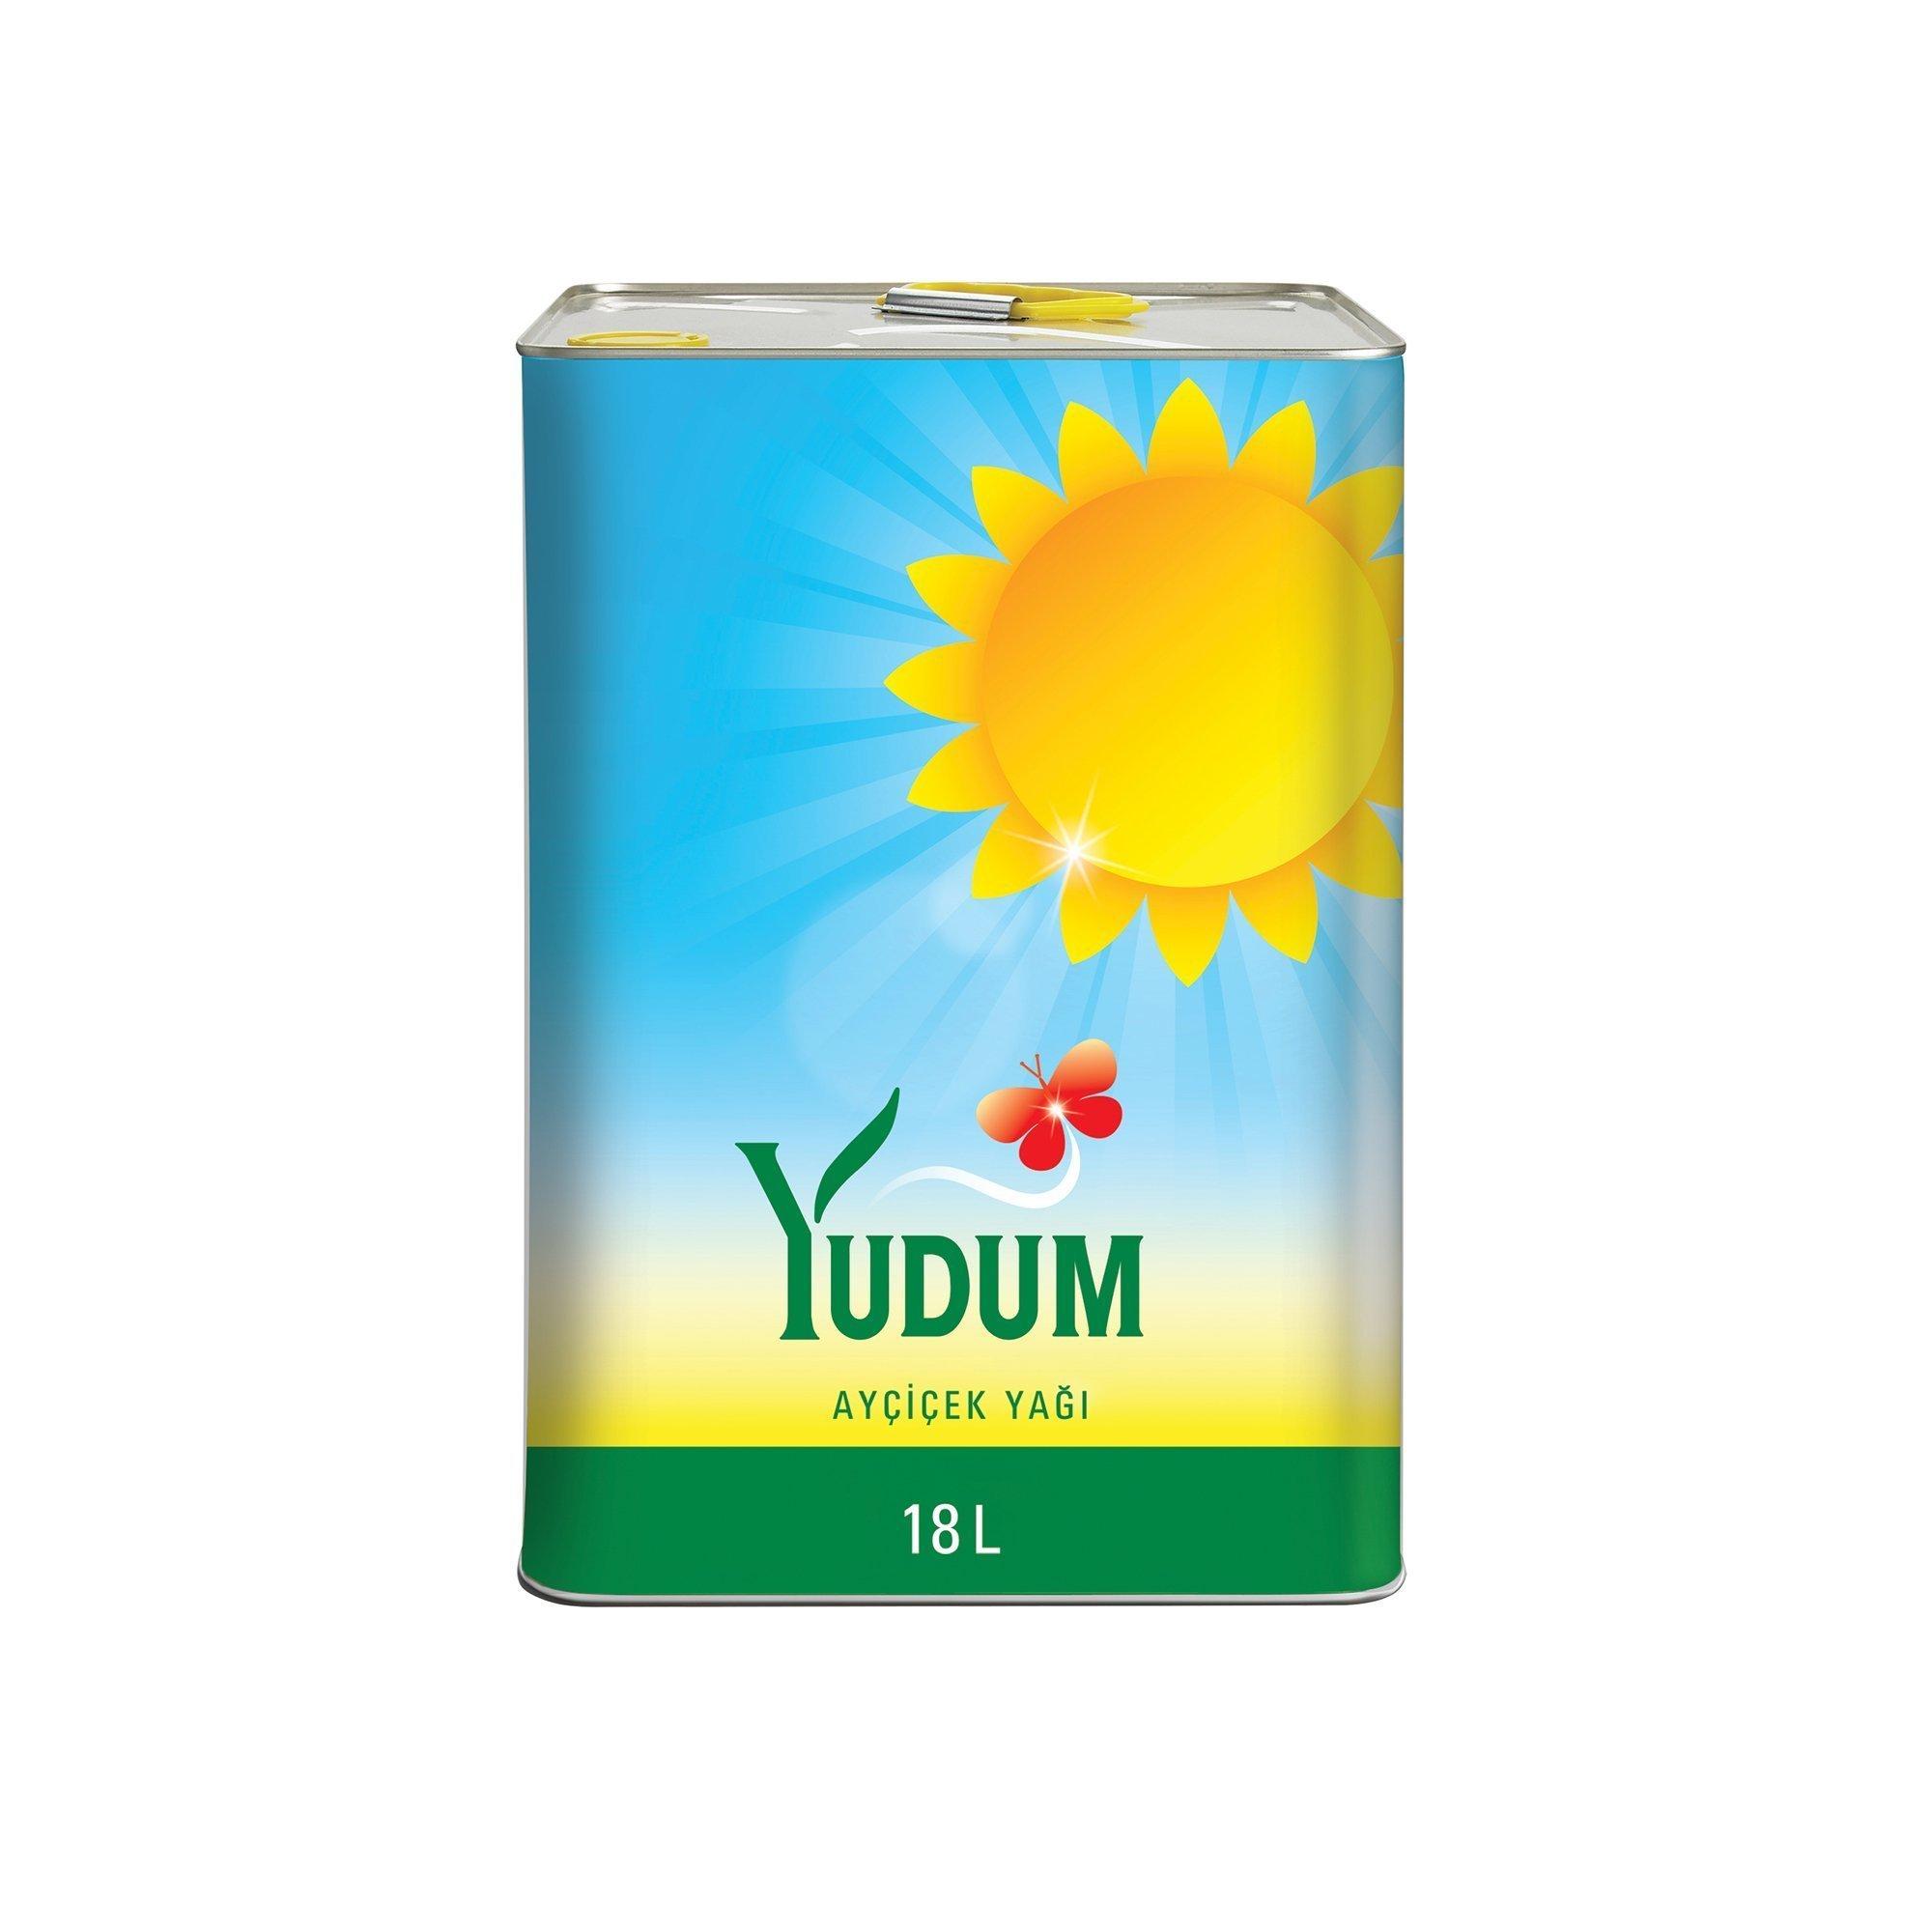 YUDUM AYCICEK YAGI 18LT